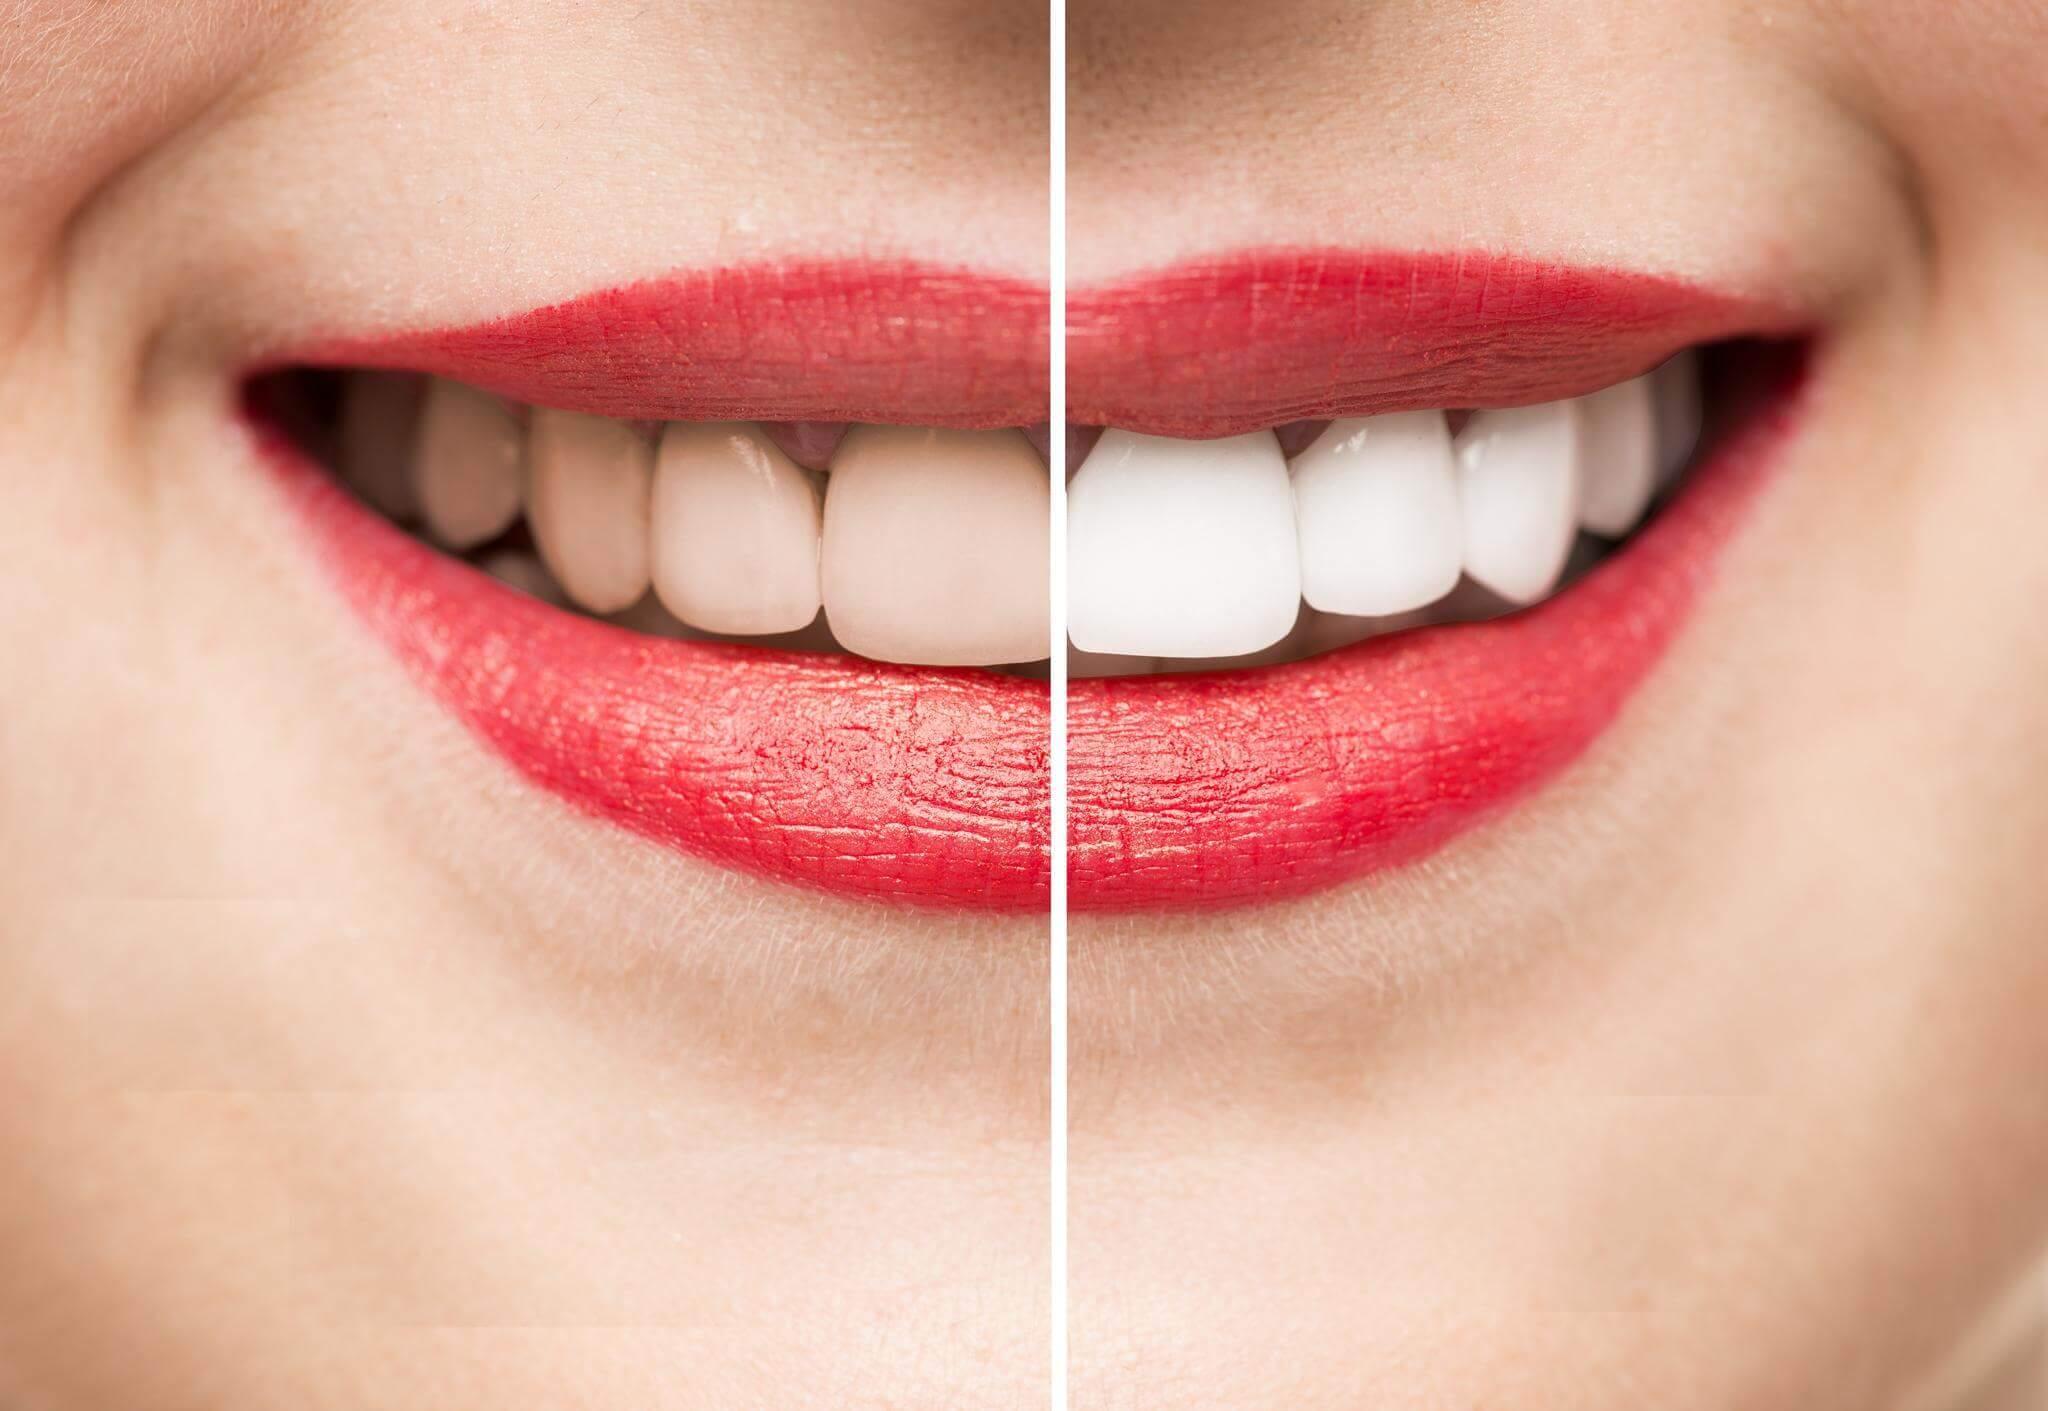 Teeth Whitening in Turkey (1)